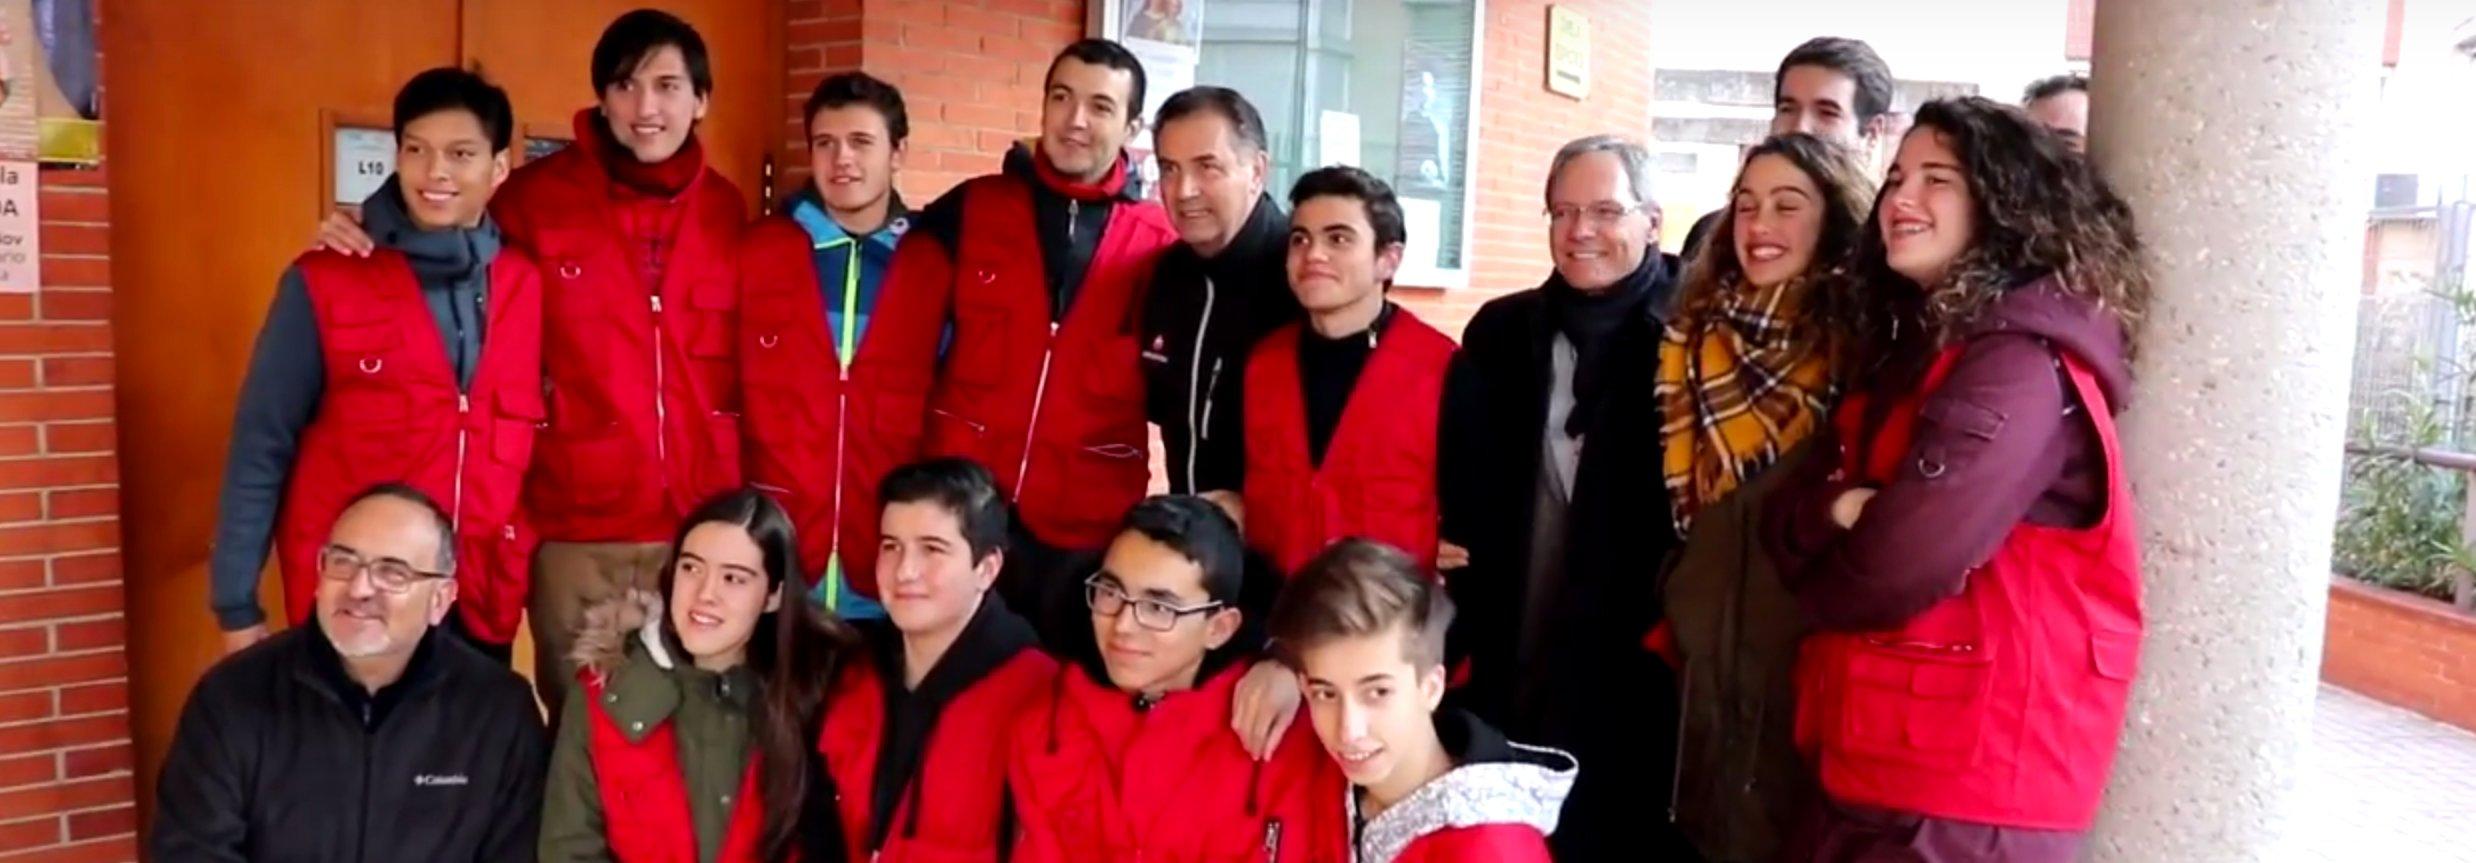 """Ángel Fdez. Artime: """"Los salesianos apostamos por el espíritu de familia y la misión compartida"""""""